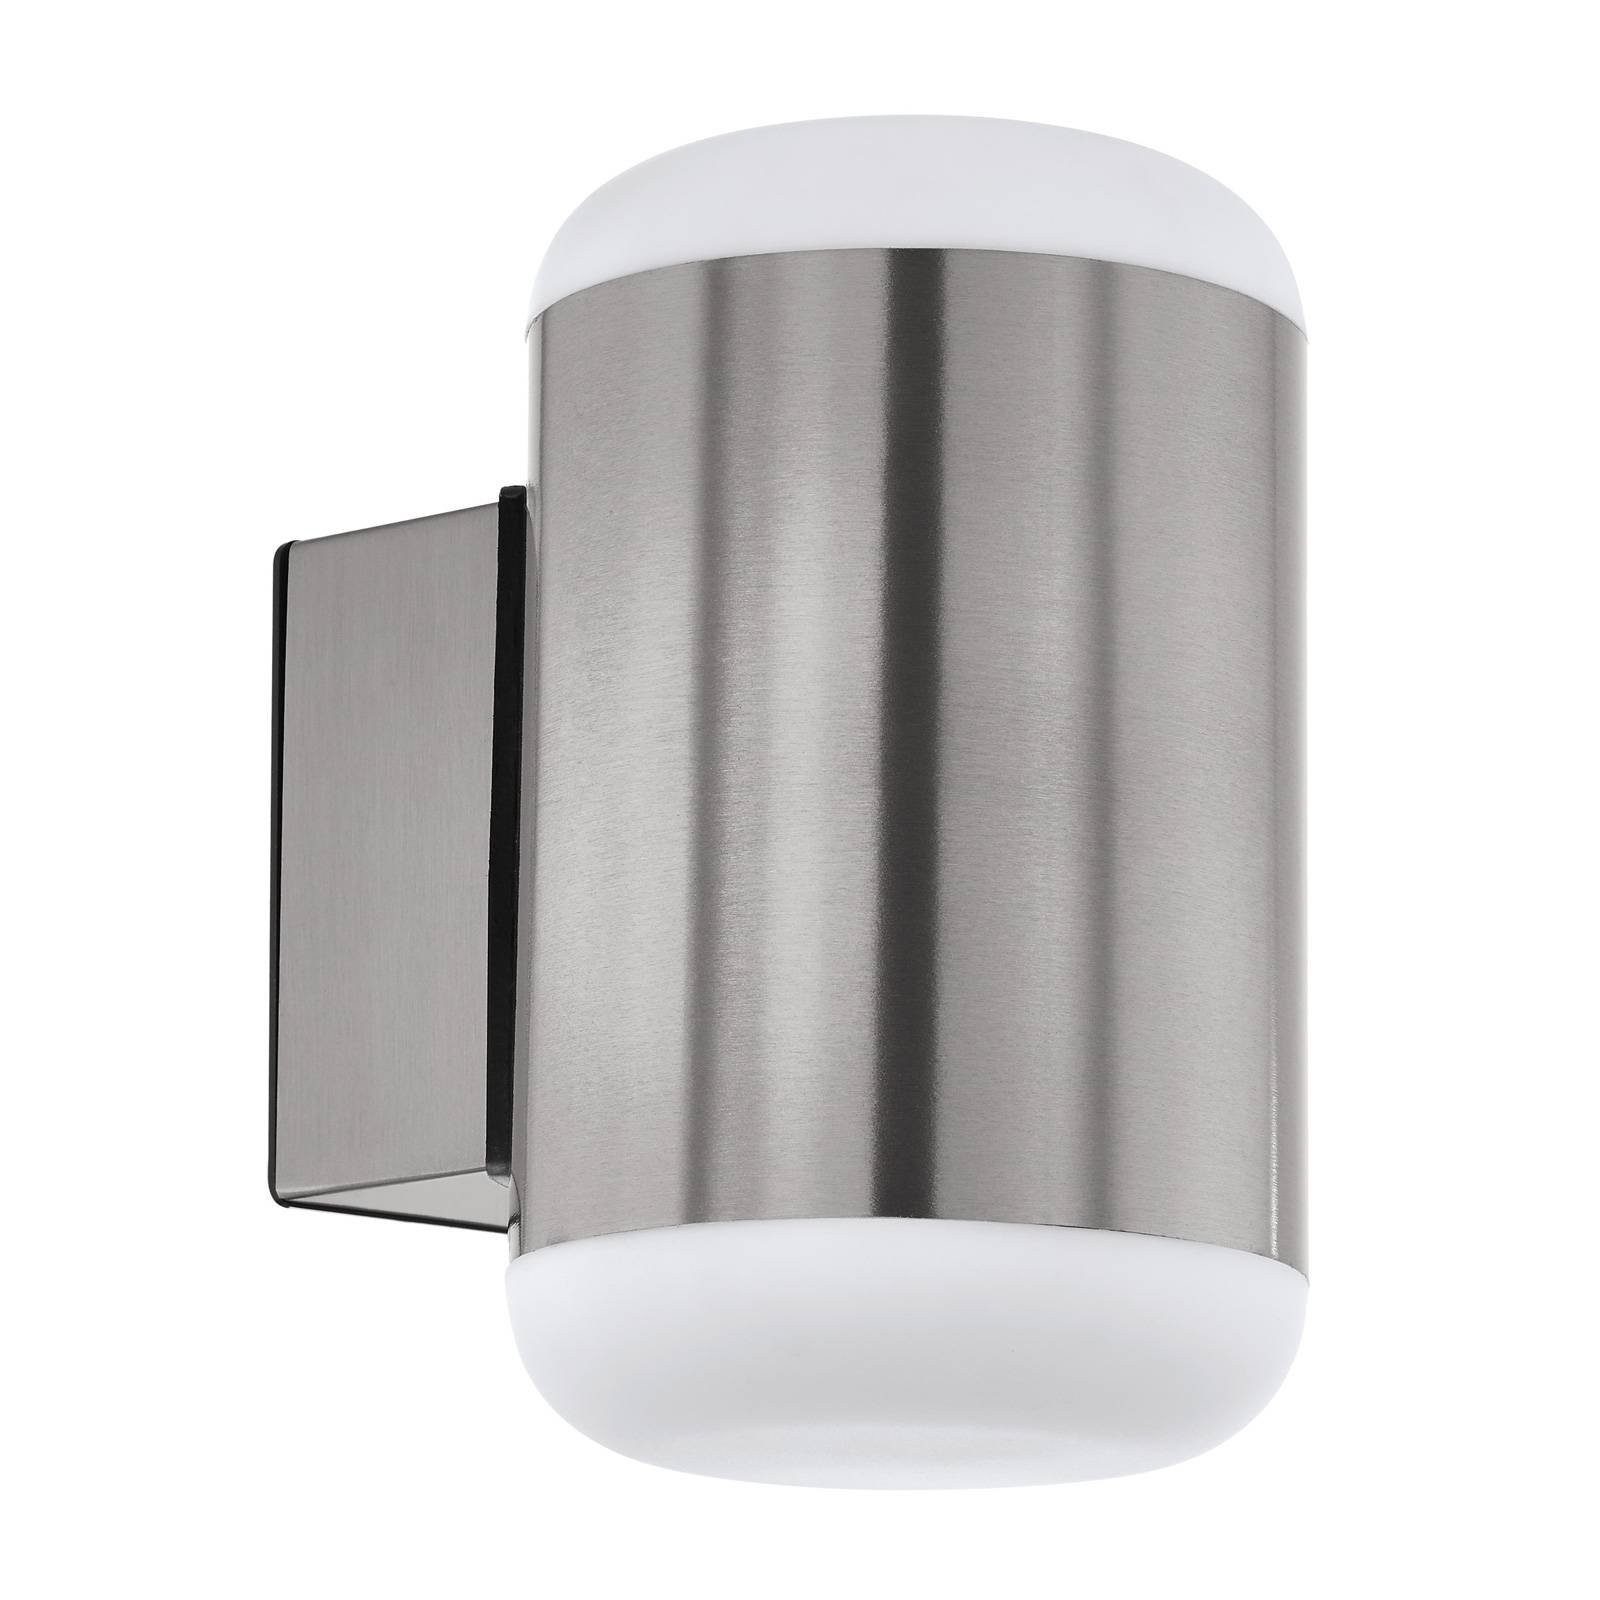 Utevegglampe Merlito av rustfritt stål